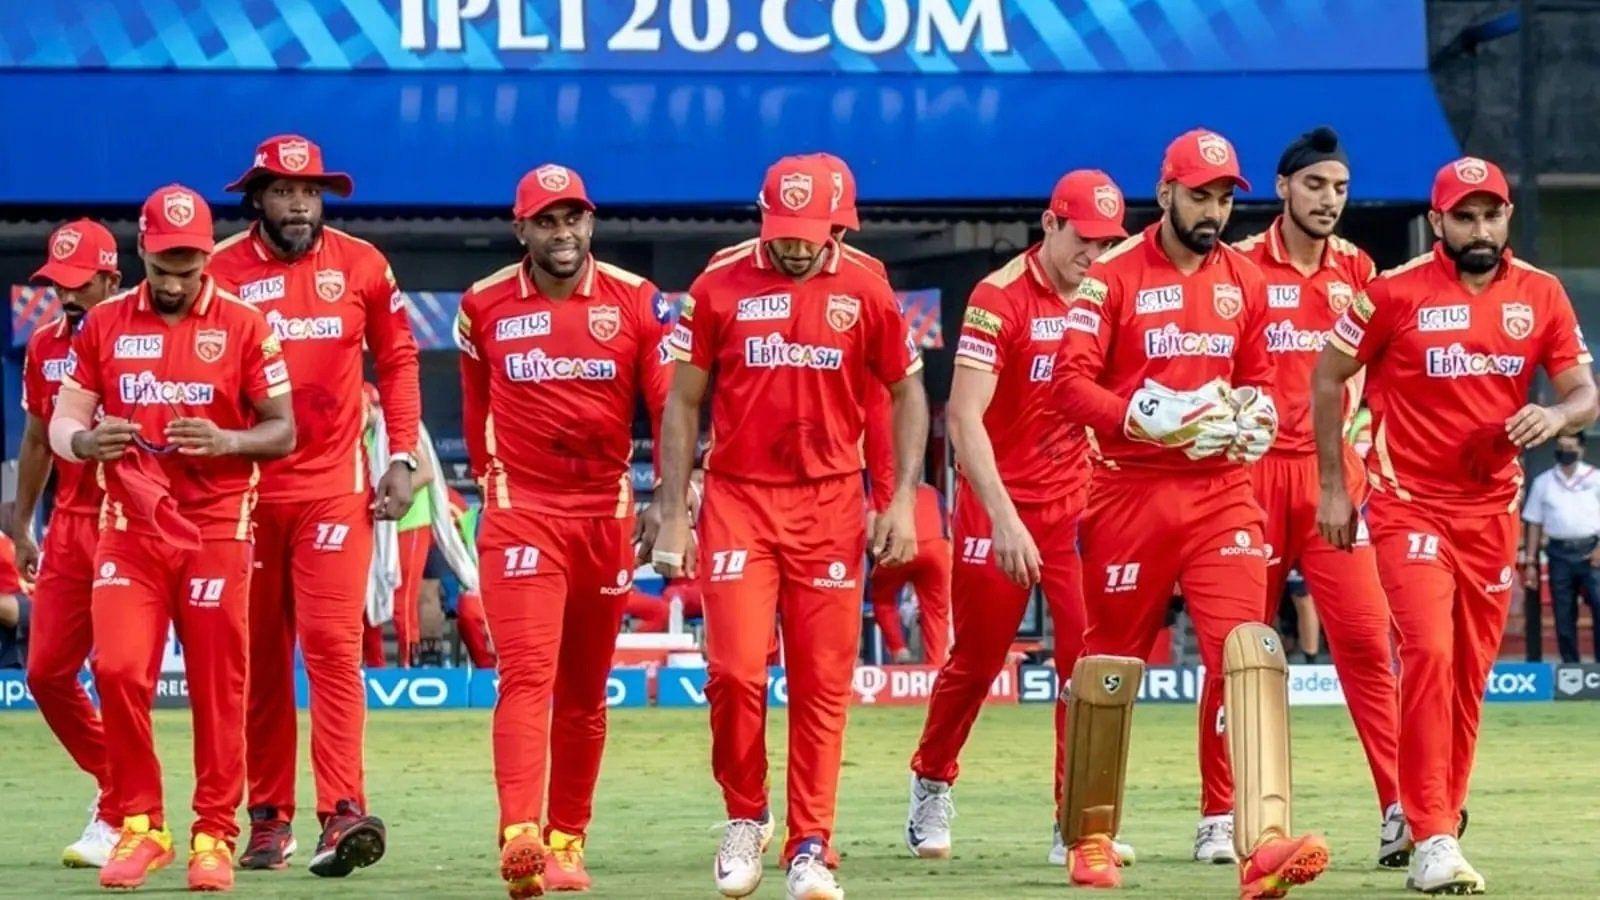 Punjab Kings, IPL 2021, IPL 2022